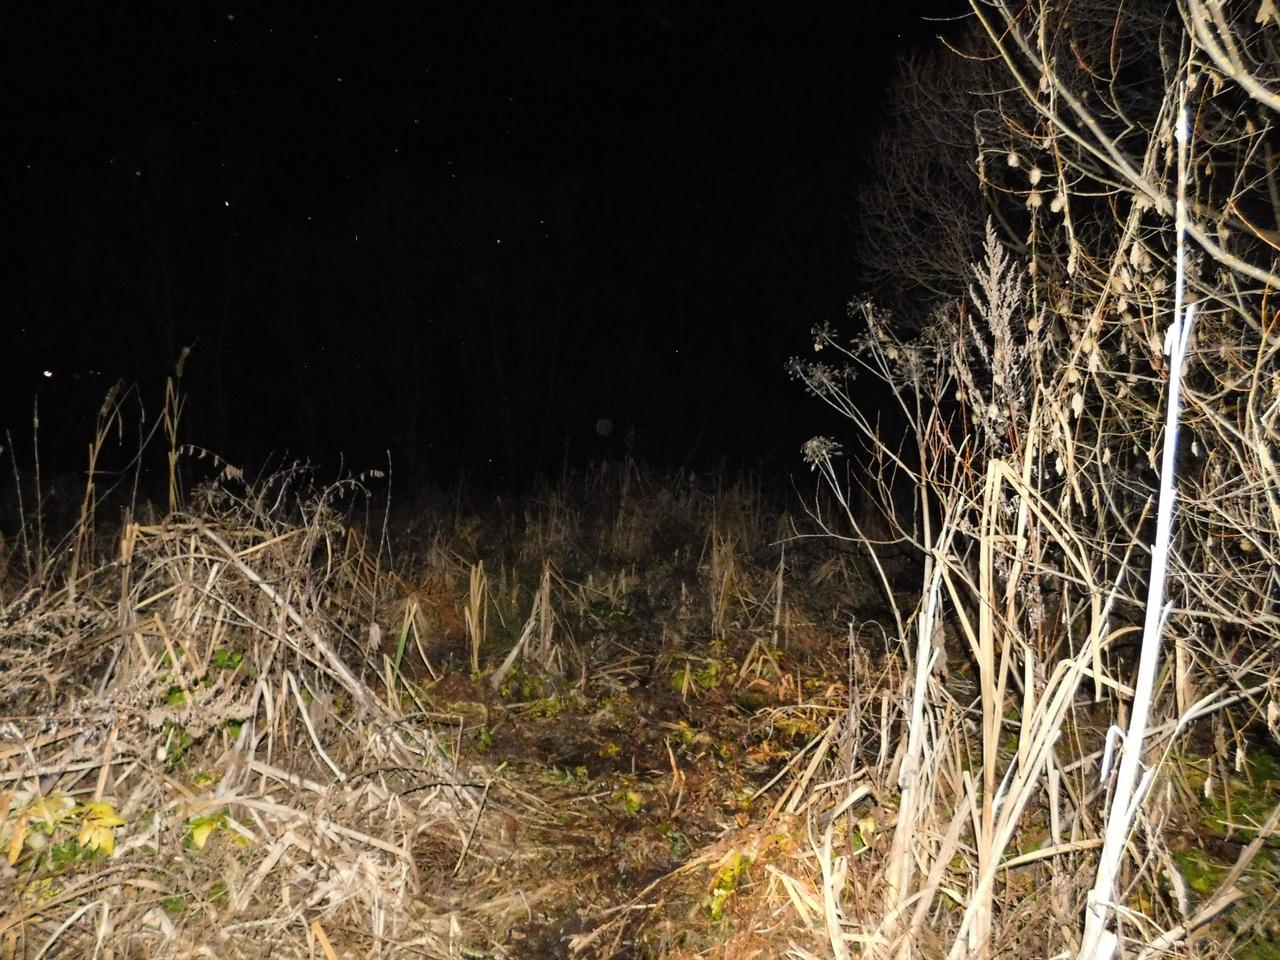 В Сампурском районе нашли тело пропавшего ранее 15-летнего подростка